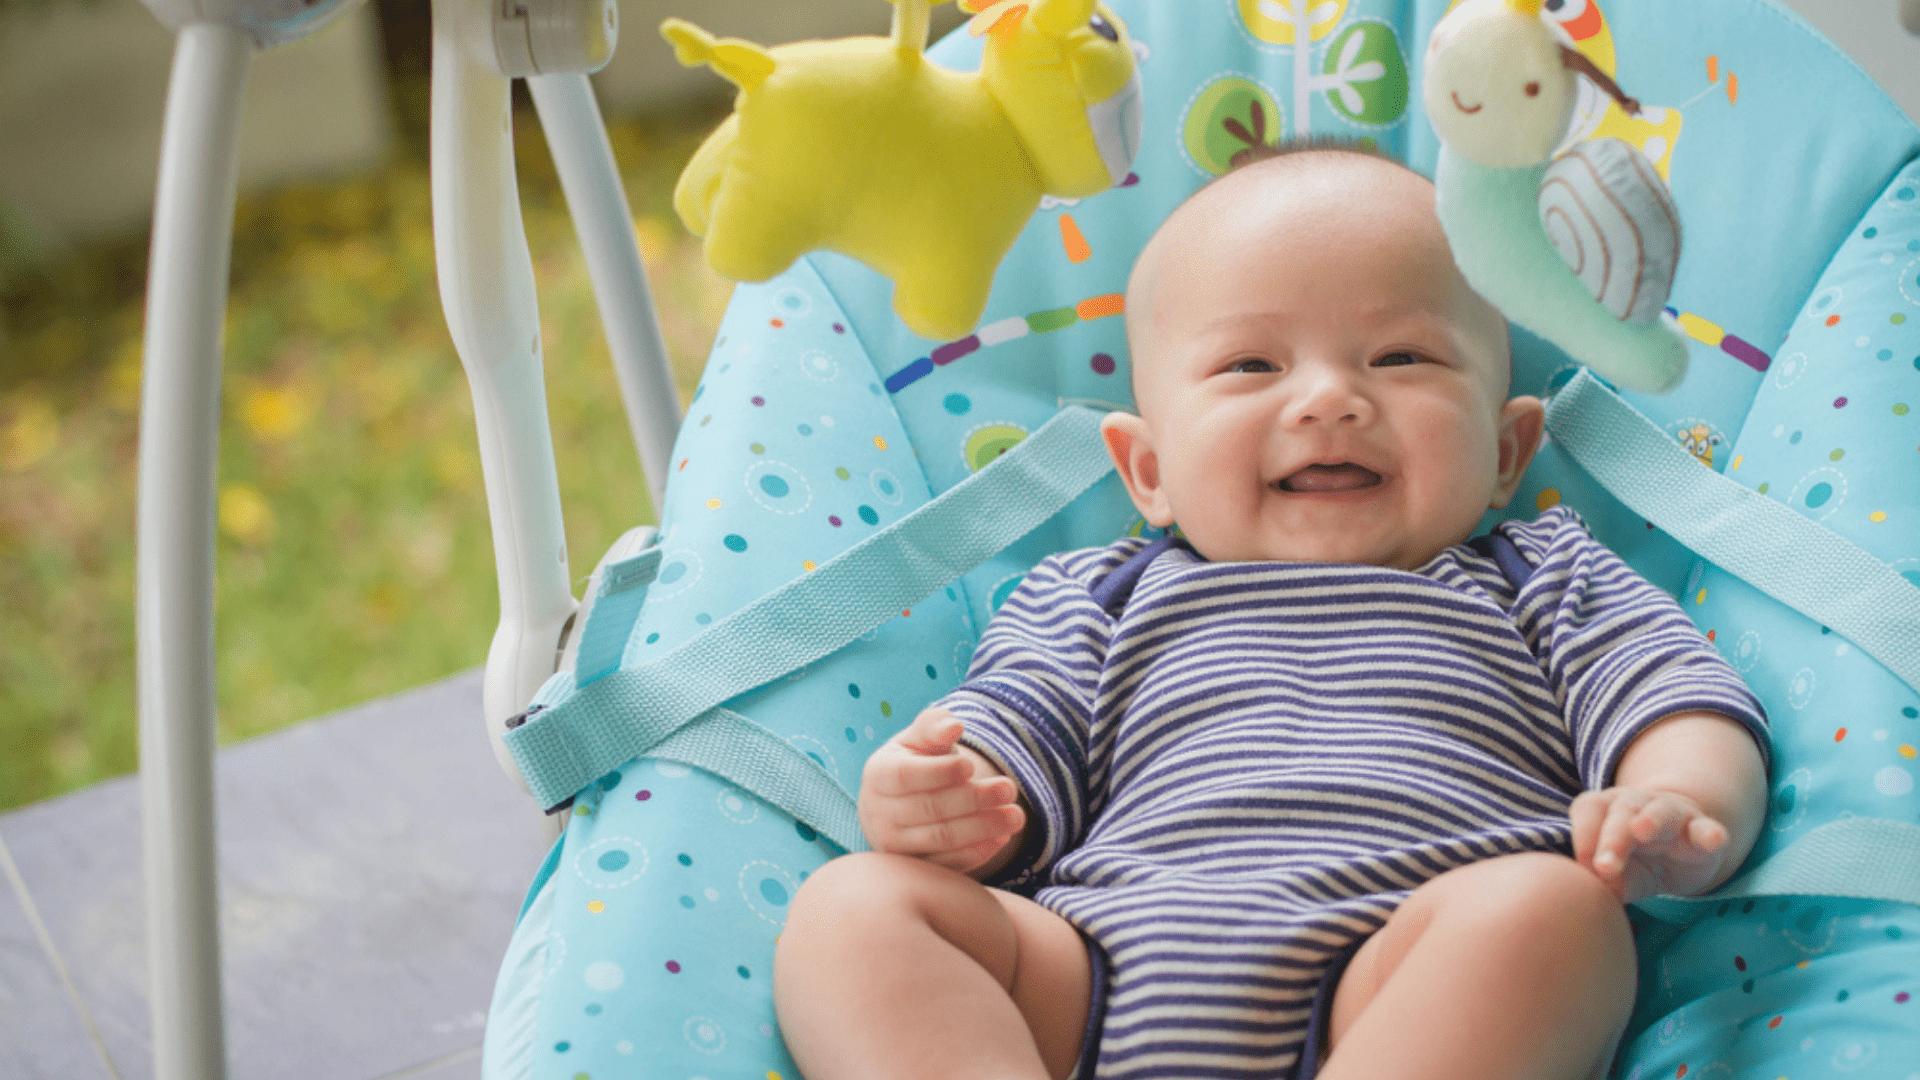 Veja a nossa seleção das melhores cadeiras de balanço para bebê de 2021! (Imagem: Reprodução/Shutterstock)